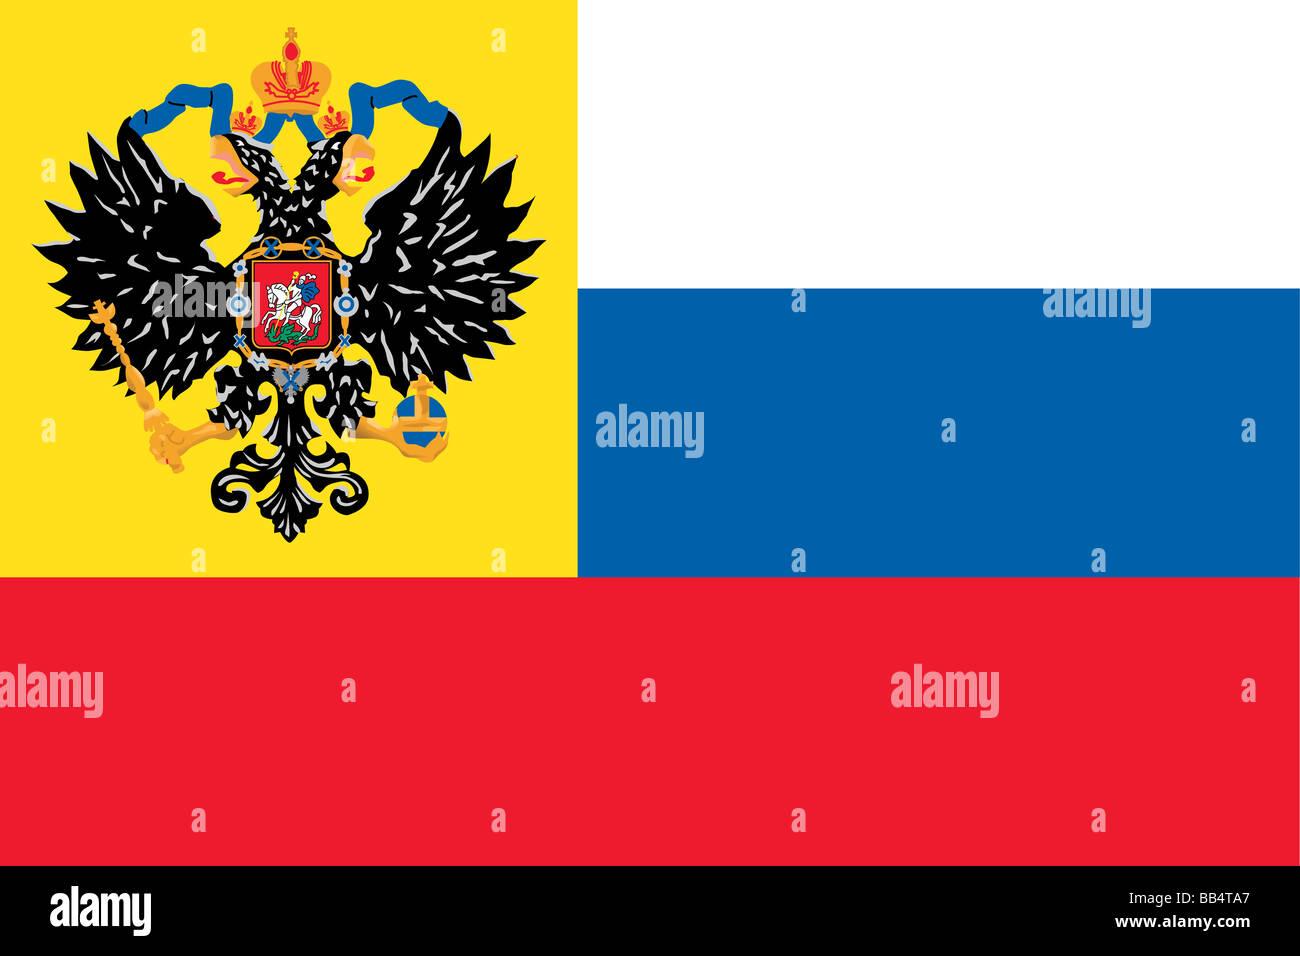 Storica bandiera dell'impero russo dal 1914 al 1917. Immagini Stock